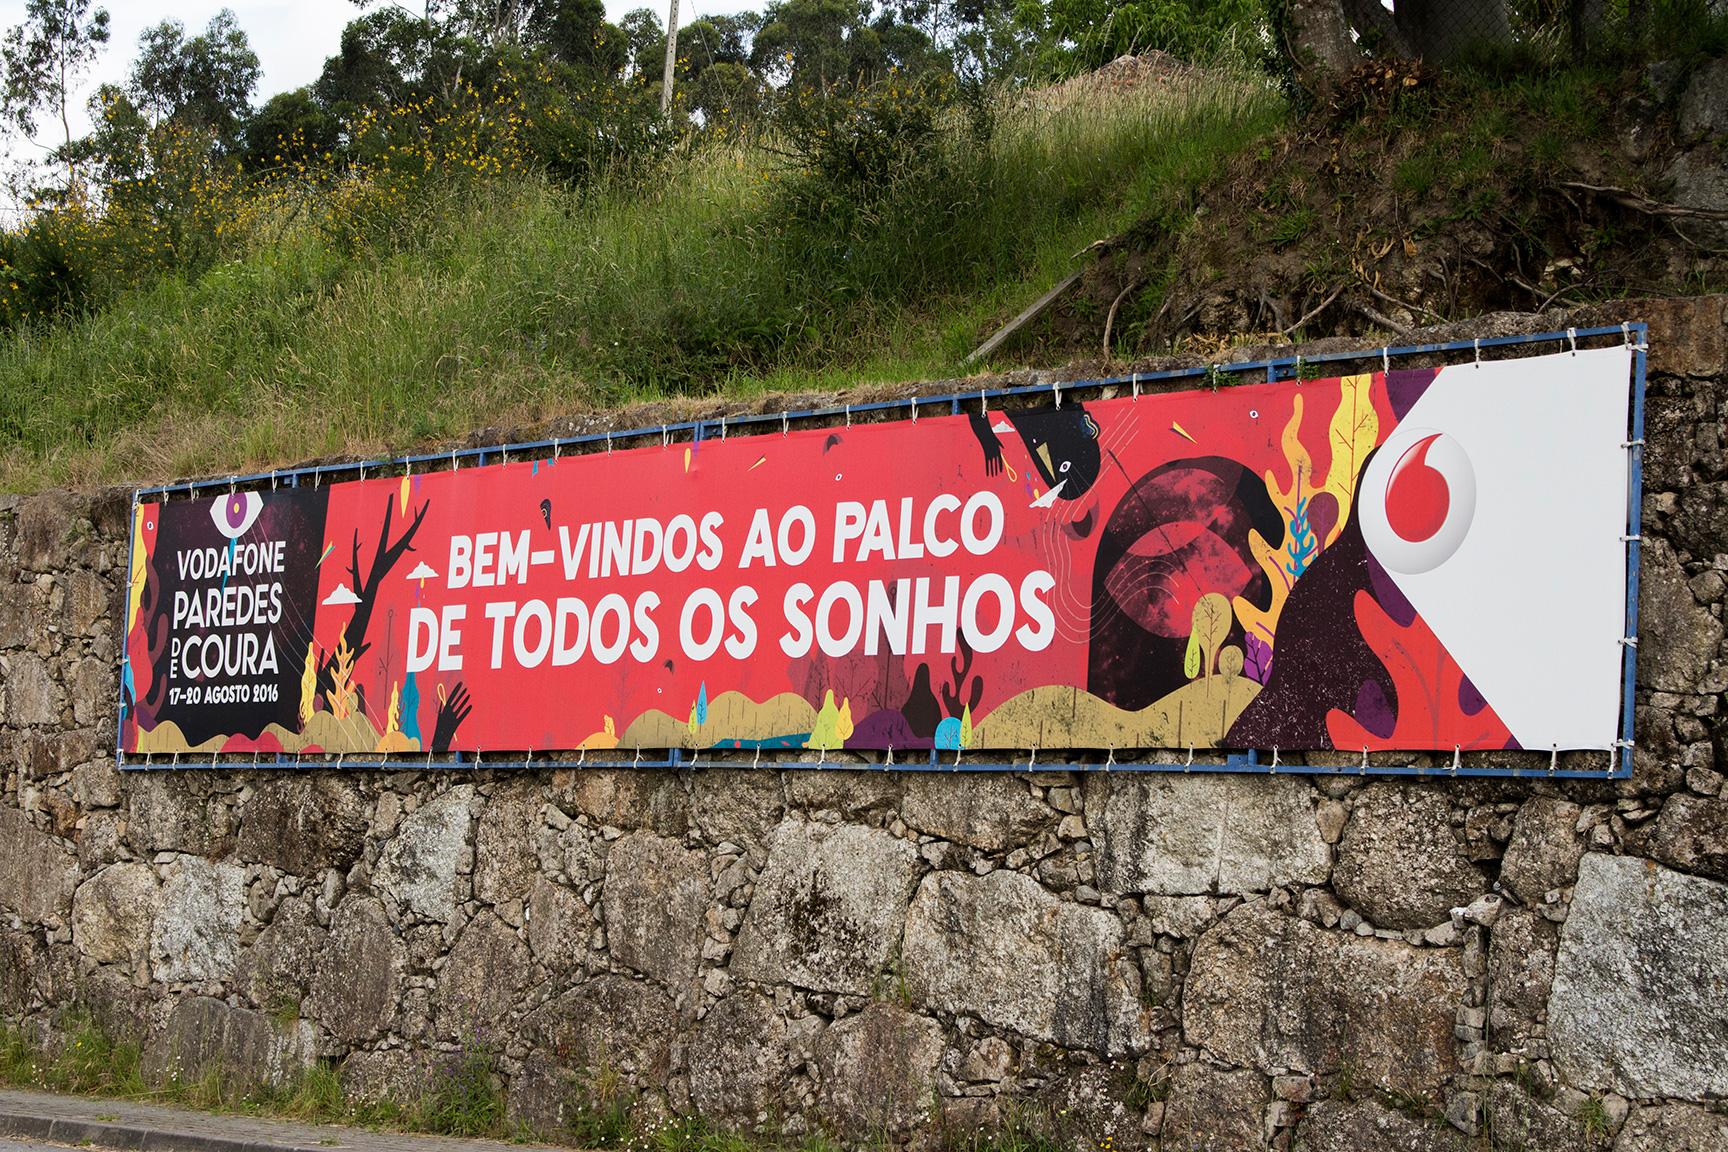 Hélio Carvalho/ComUM